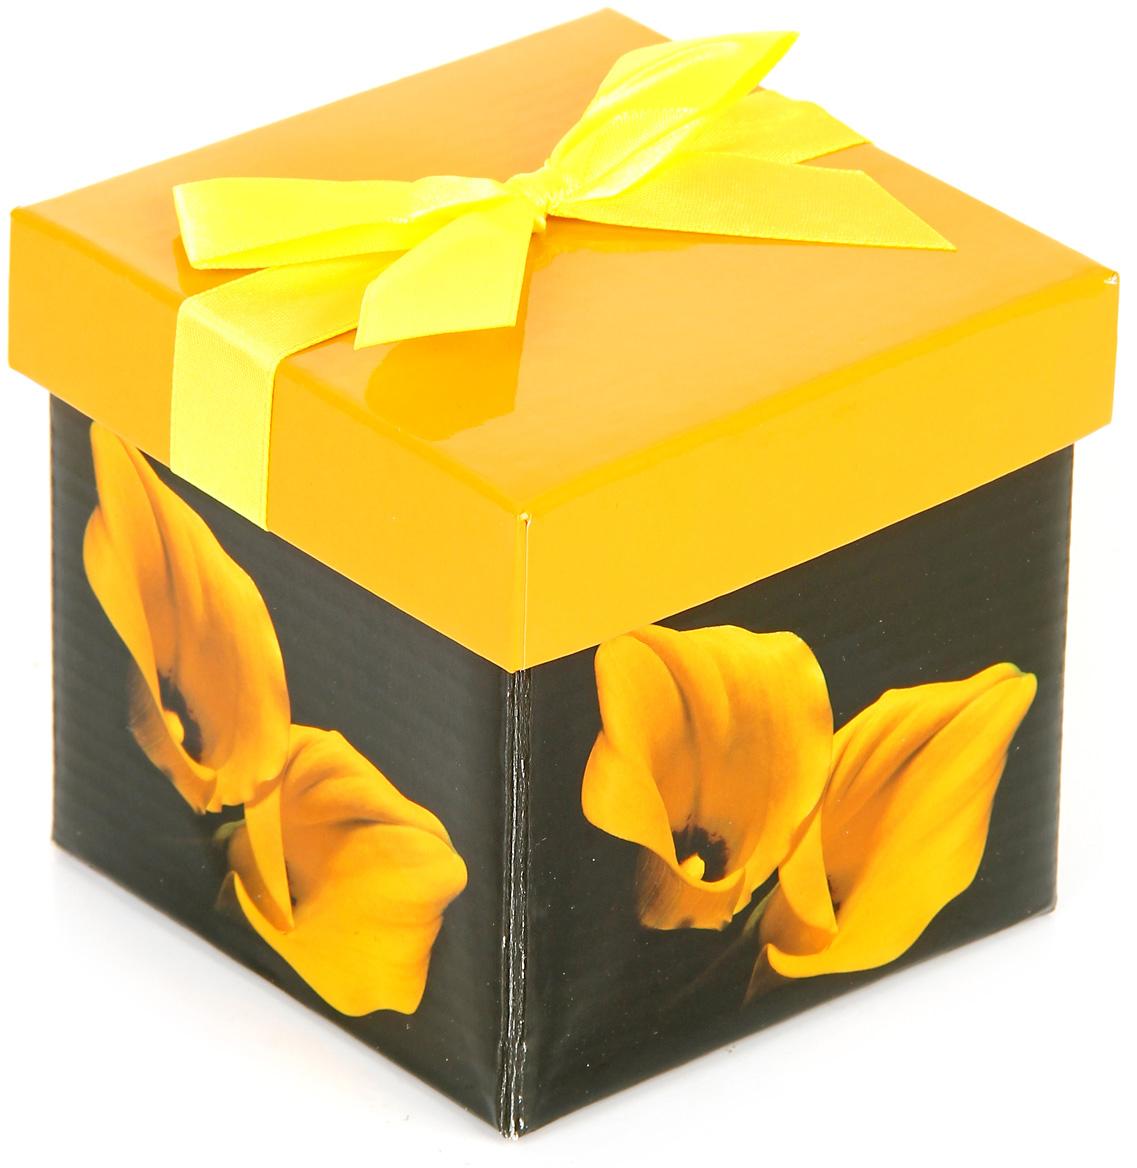 Коробка подарочная Veld-Co Giftbox. Трансформер. Яркость, цвет: черный, 10,3 х 10,3 х 9,8 см коробка подарочная veld co giftbox трансформер солнечное настроение цвет оранжевый 10 3 х 10 3 х 9 8 см